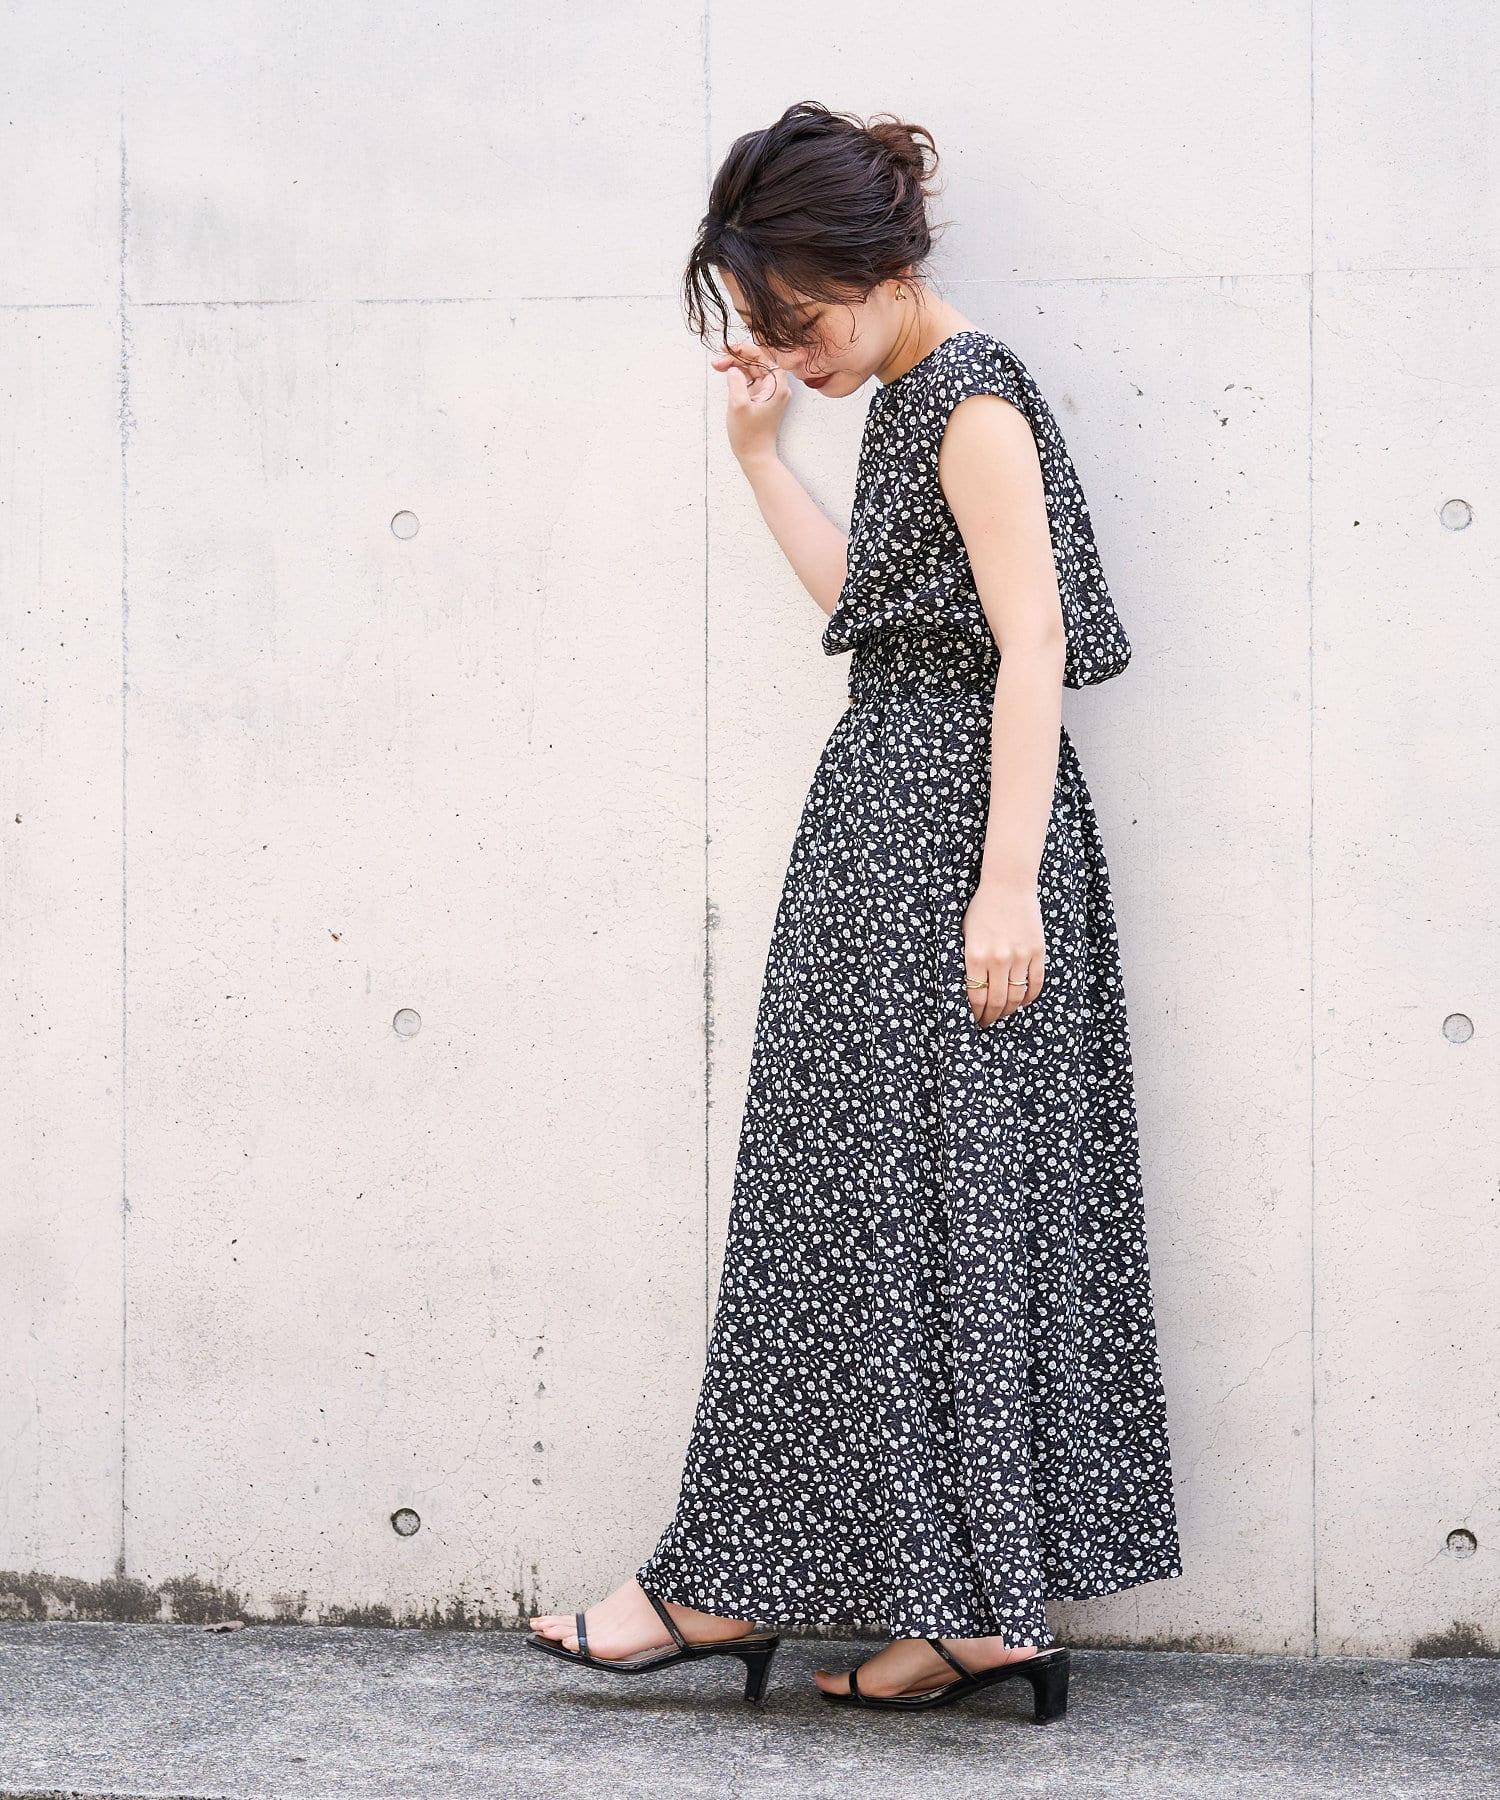 natural couture(ナチュラルクチュール) 【WEB限定カラー有り】べっ甲Dかん太ベルト涼しげワンピース